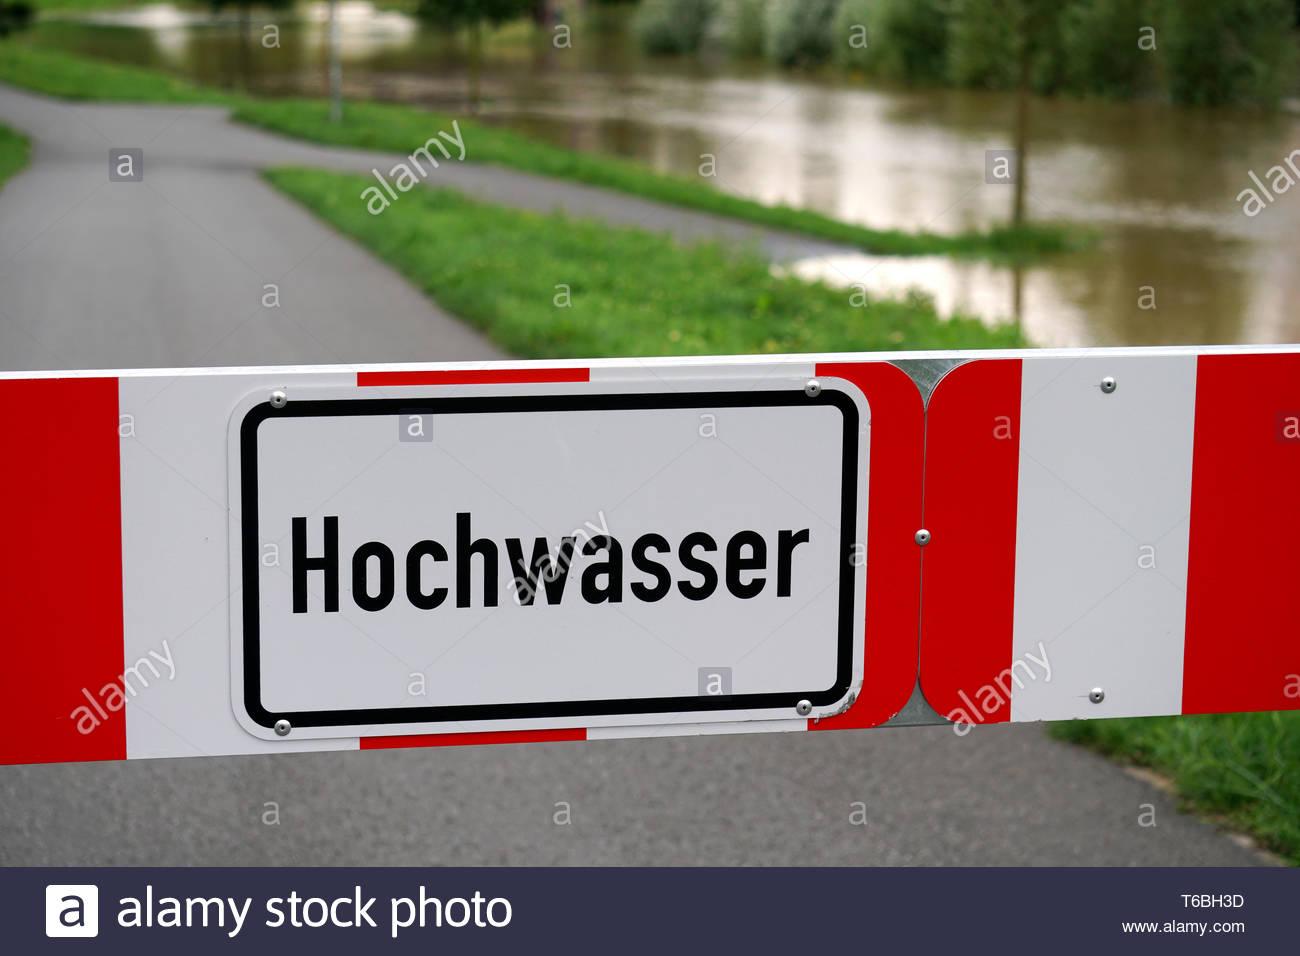 Hochwasser - Stock Image